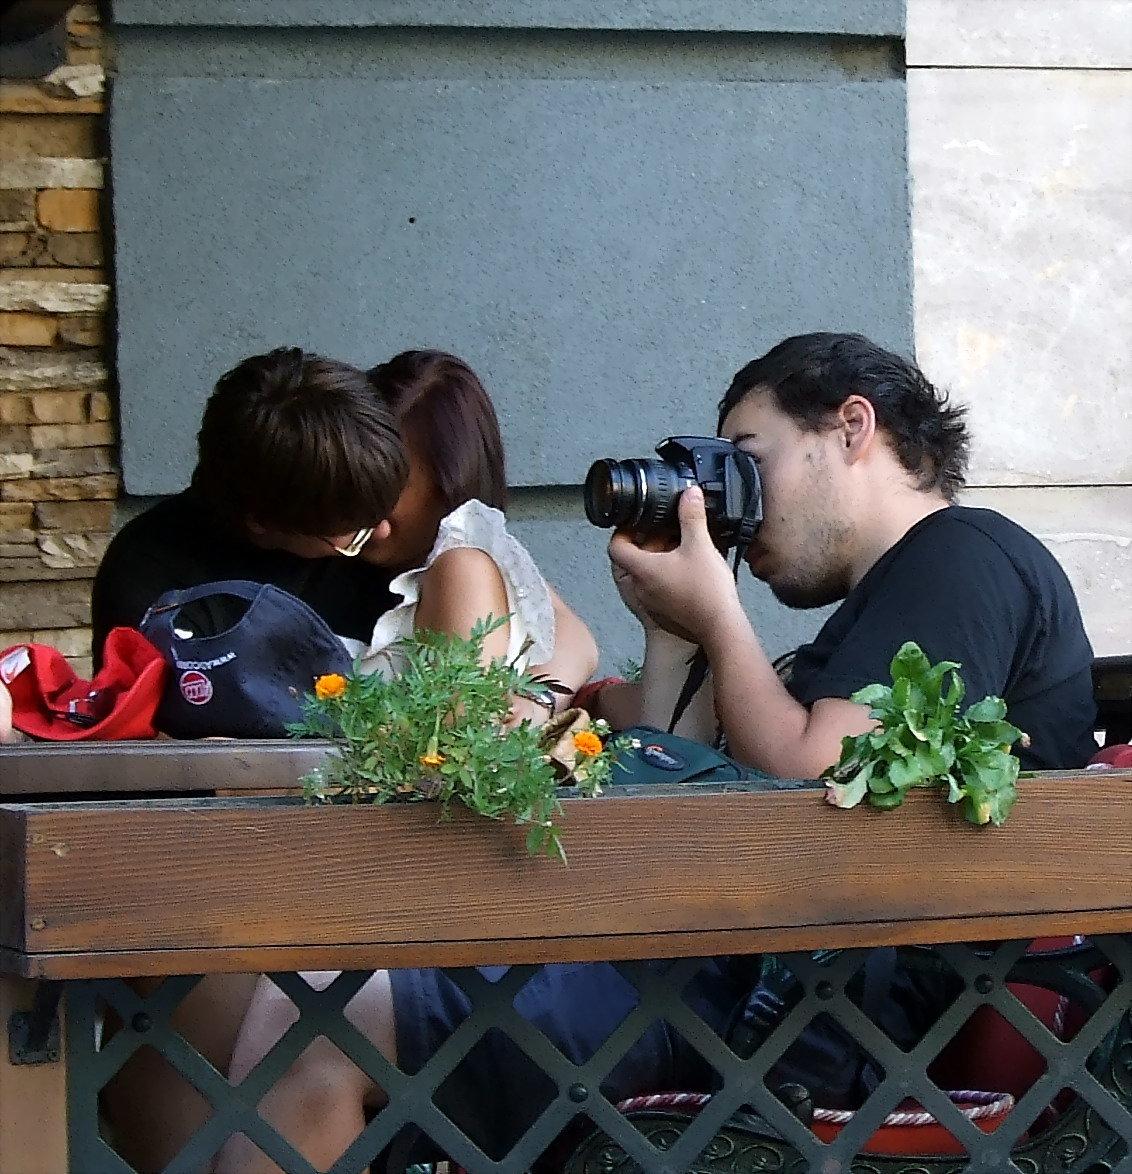 недашковская как устроиться в геометрию фотографом ростов подставках под горячее